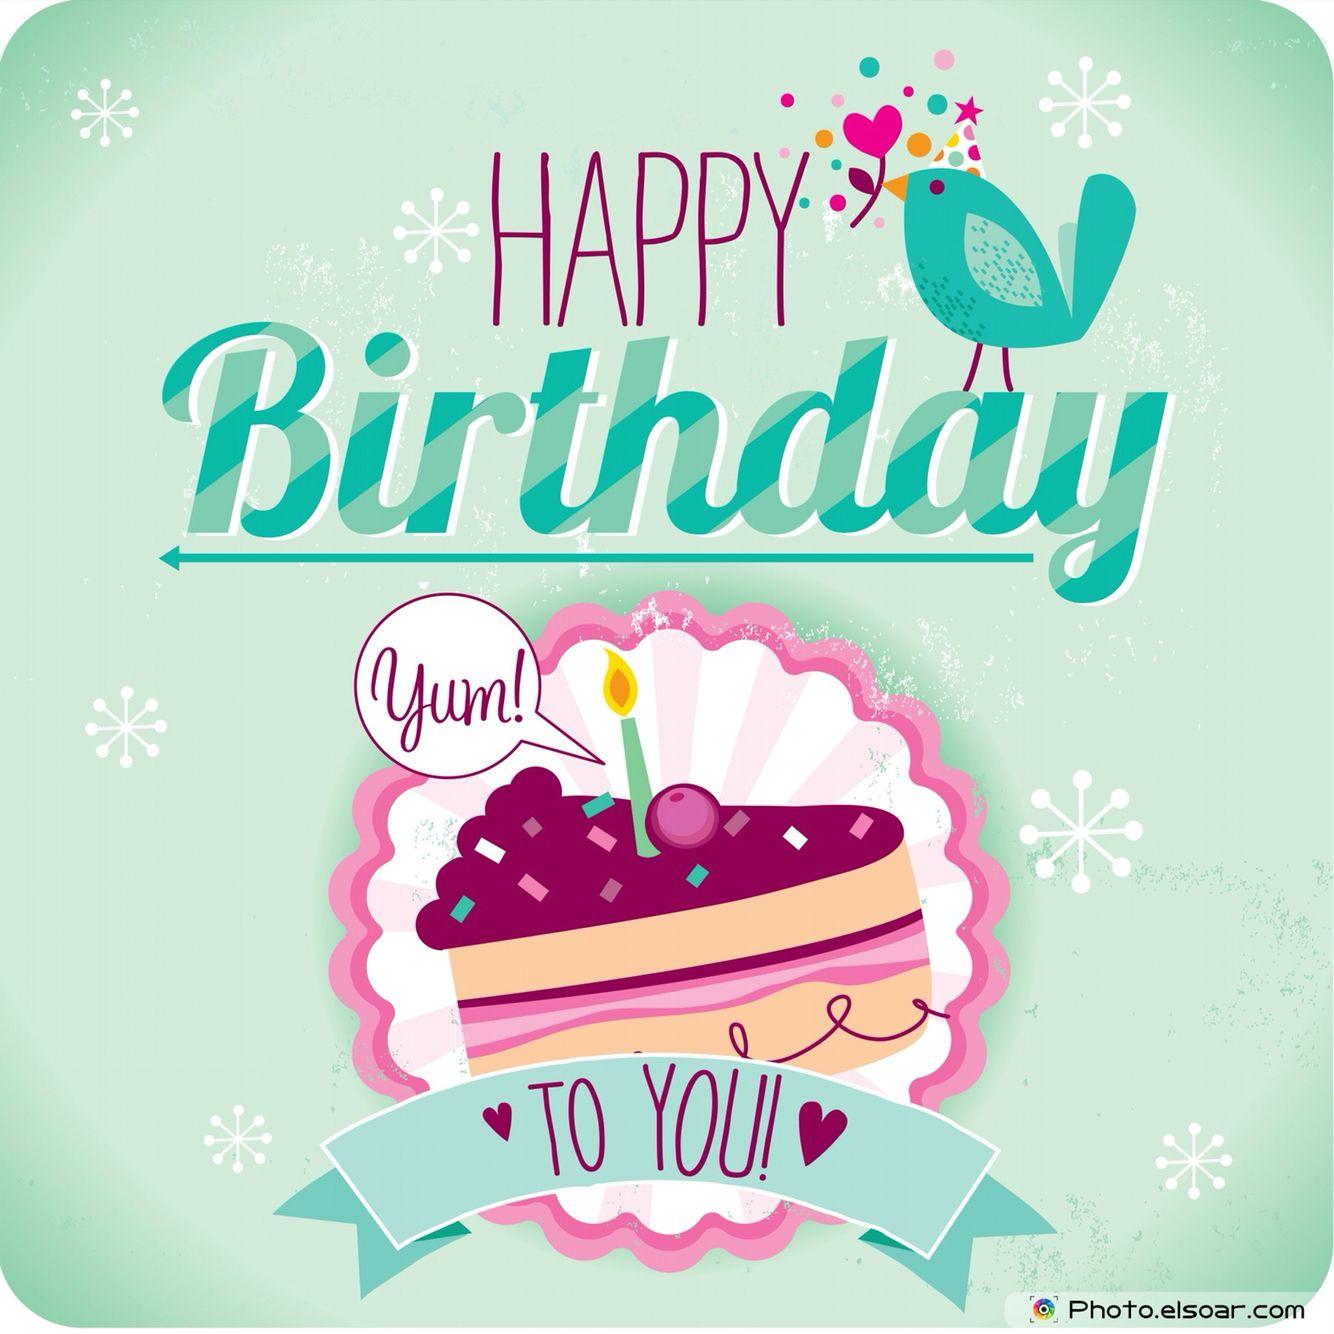 Happy birthday to you birthday wishes pinterest happy birthday